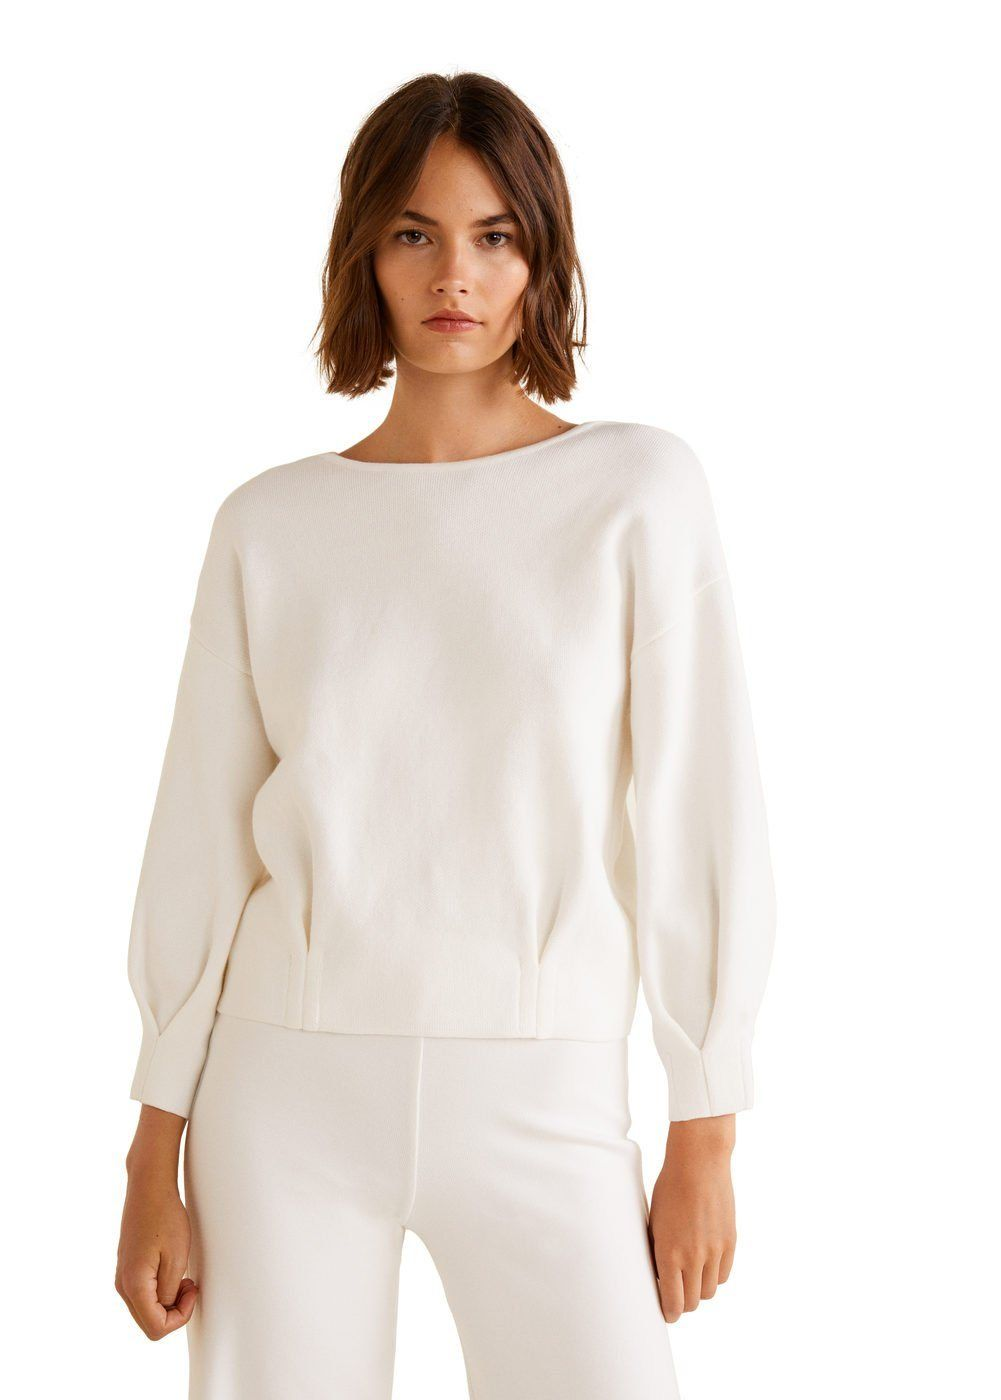 OTTO Damen MANGO Pullover aus Bio-Baumwolle   08433886080934   Mode ... 14ecb38cf5